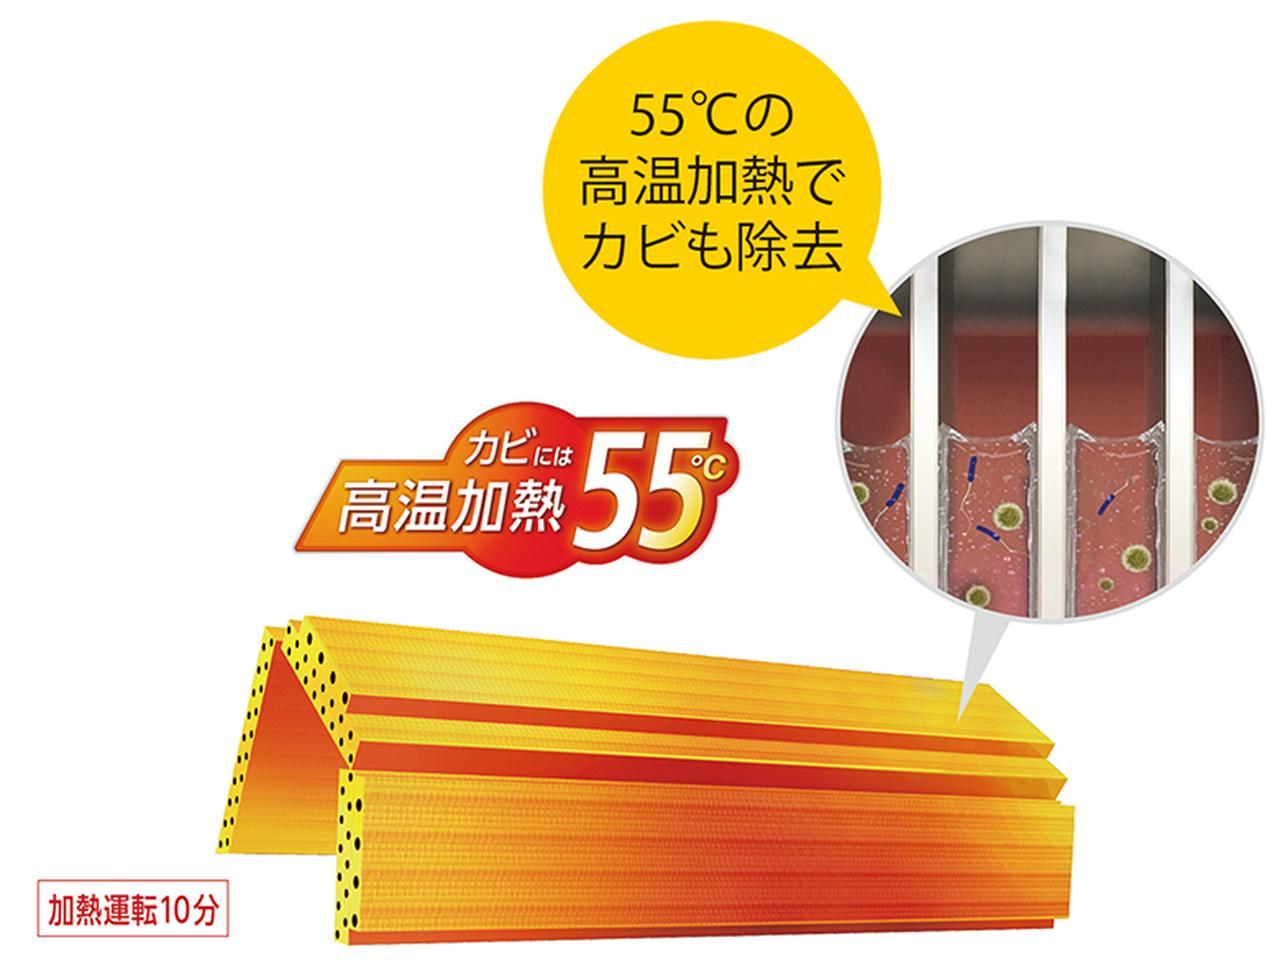 画像3: 【エアコン選び&使い方】室外機の掃除は必要?サーキュレーターは夏と冬で使い分けよう